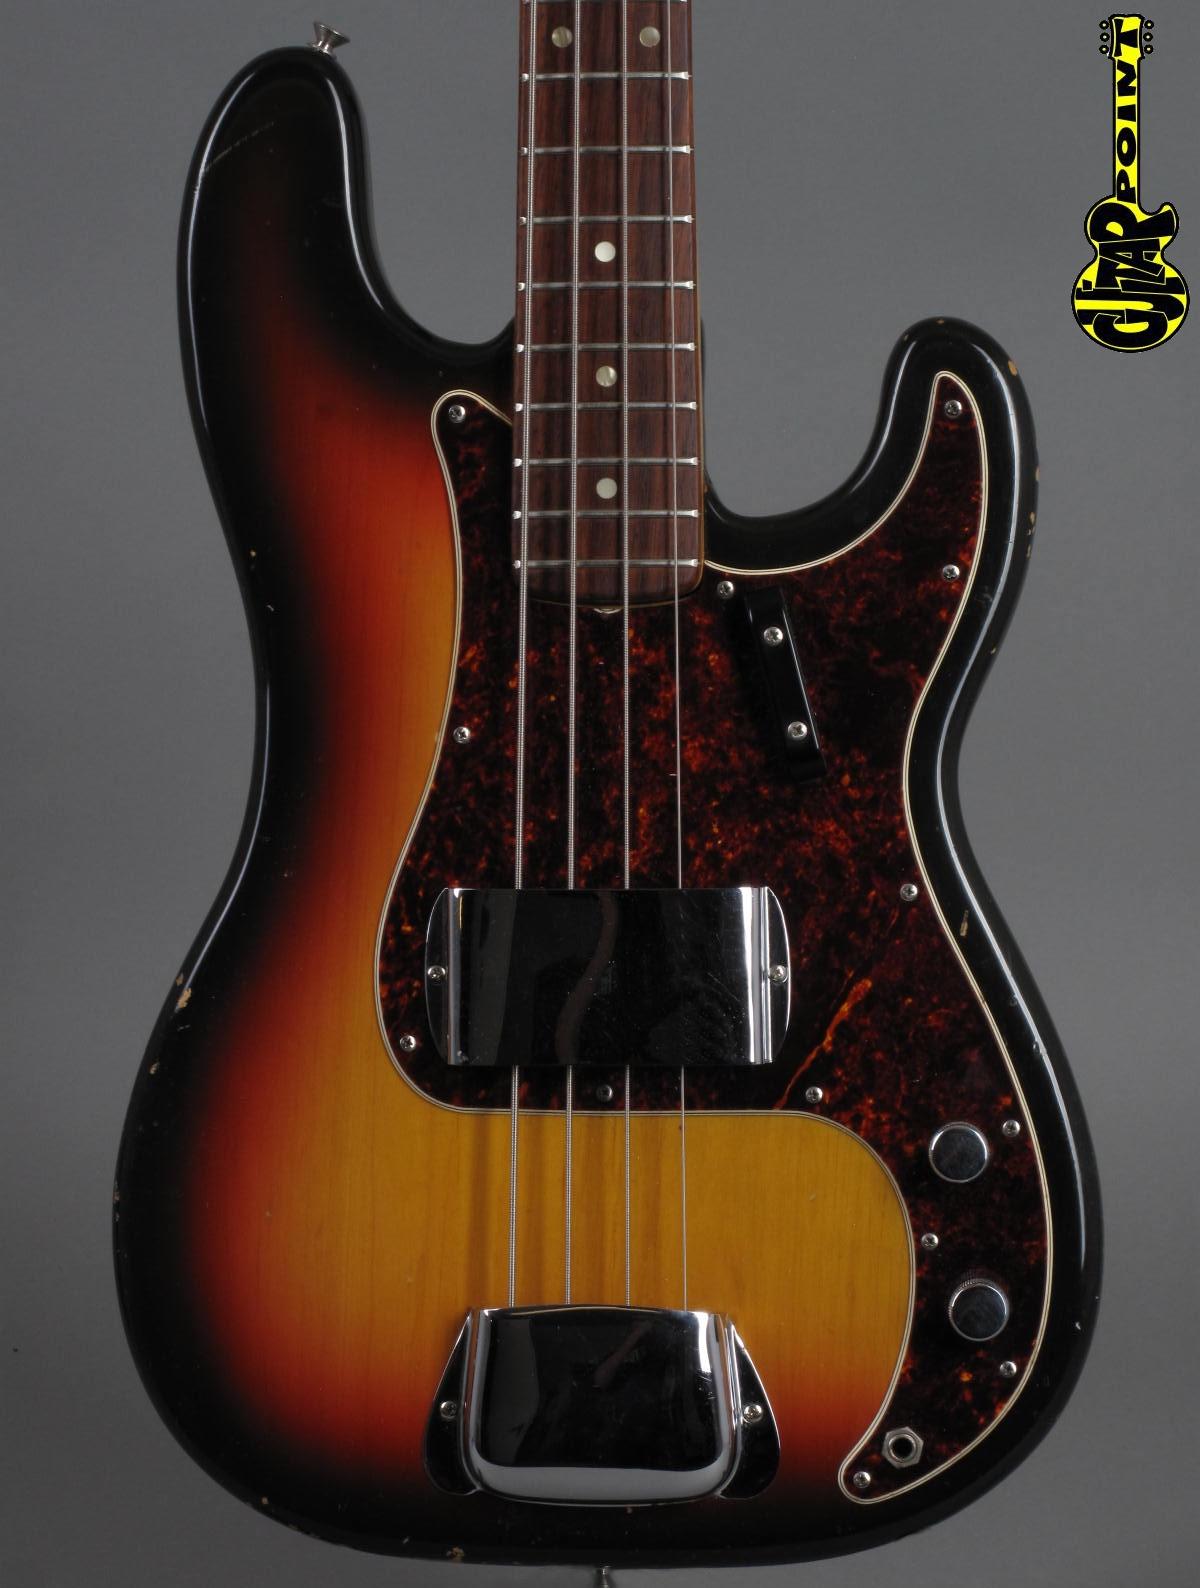 1968 fender precision bass 3t sunburst vi68fepreci3tsb241302